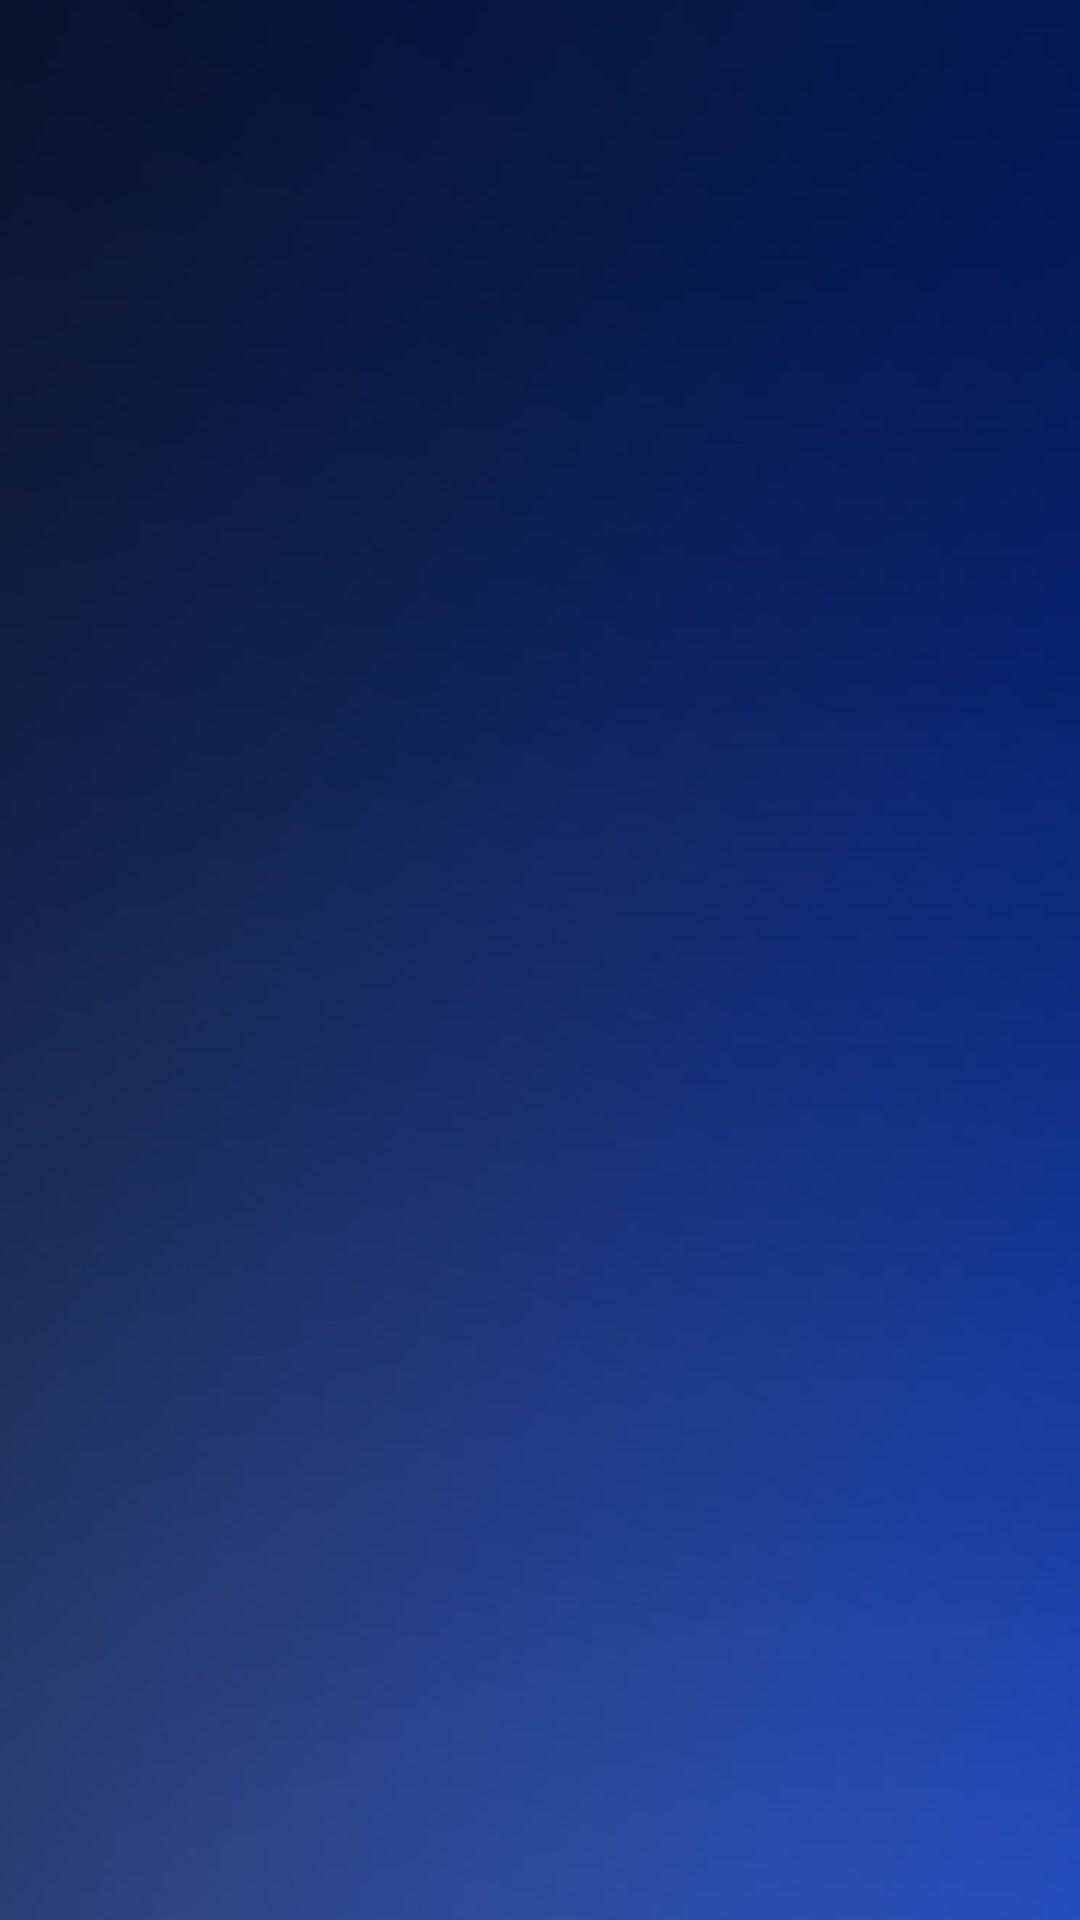 Regaling Flowers Navy Blue Wallpaper Iphone Pure Blue Ocean Gradation Blur Background Iphone Wallpaper Pure Blue Ocean Gradation Blur Background Iphone Wallpaper Navy Blue Wallpaper houzz 01 Navy Blue Wallpaper